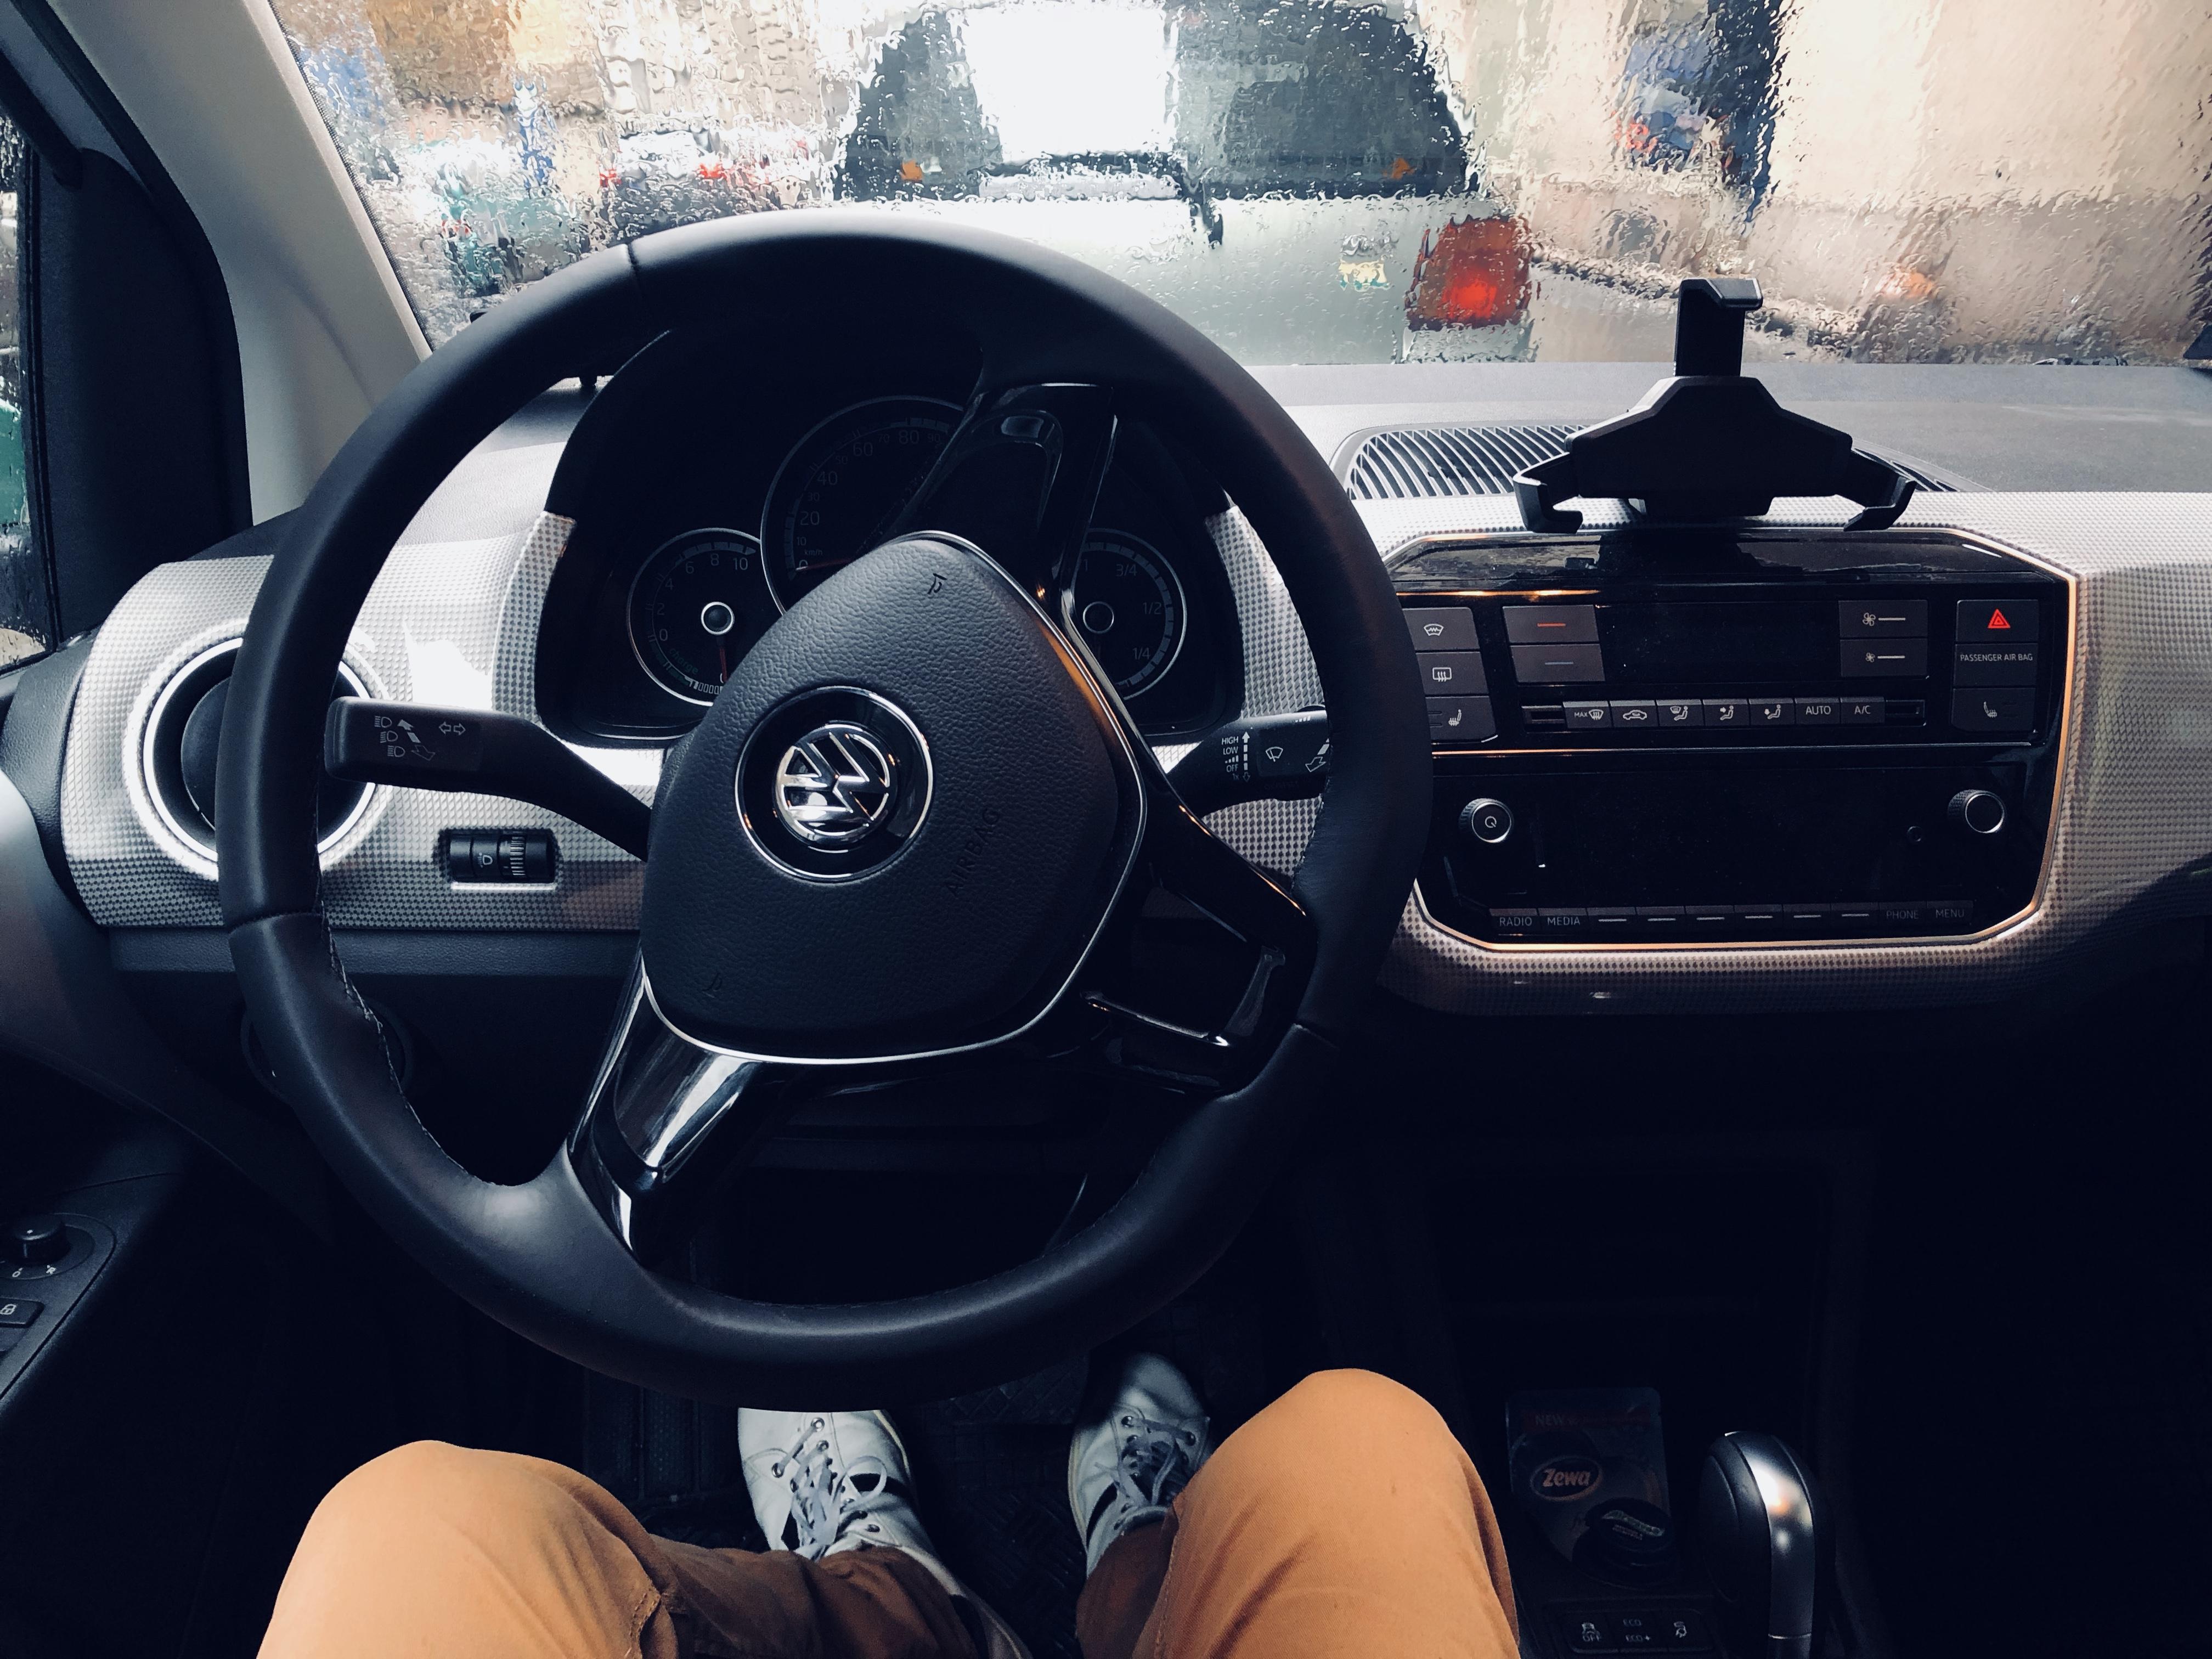 MOL Limo - Volkswagen e-up! interior belülről